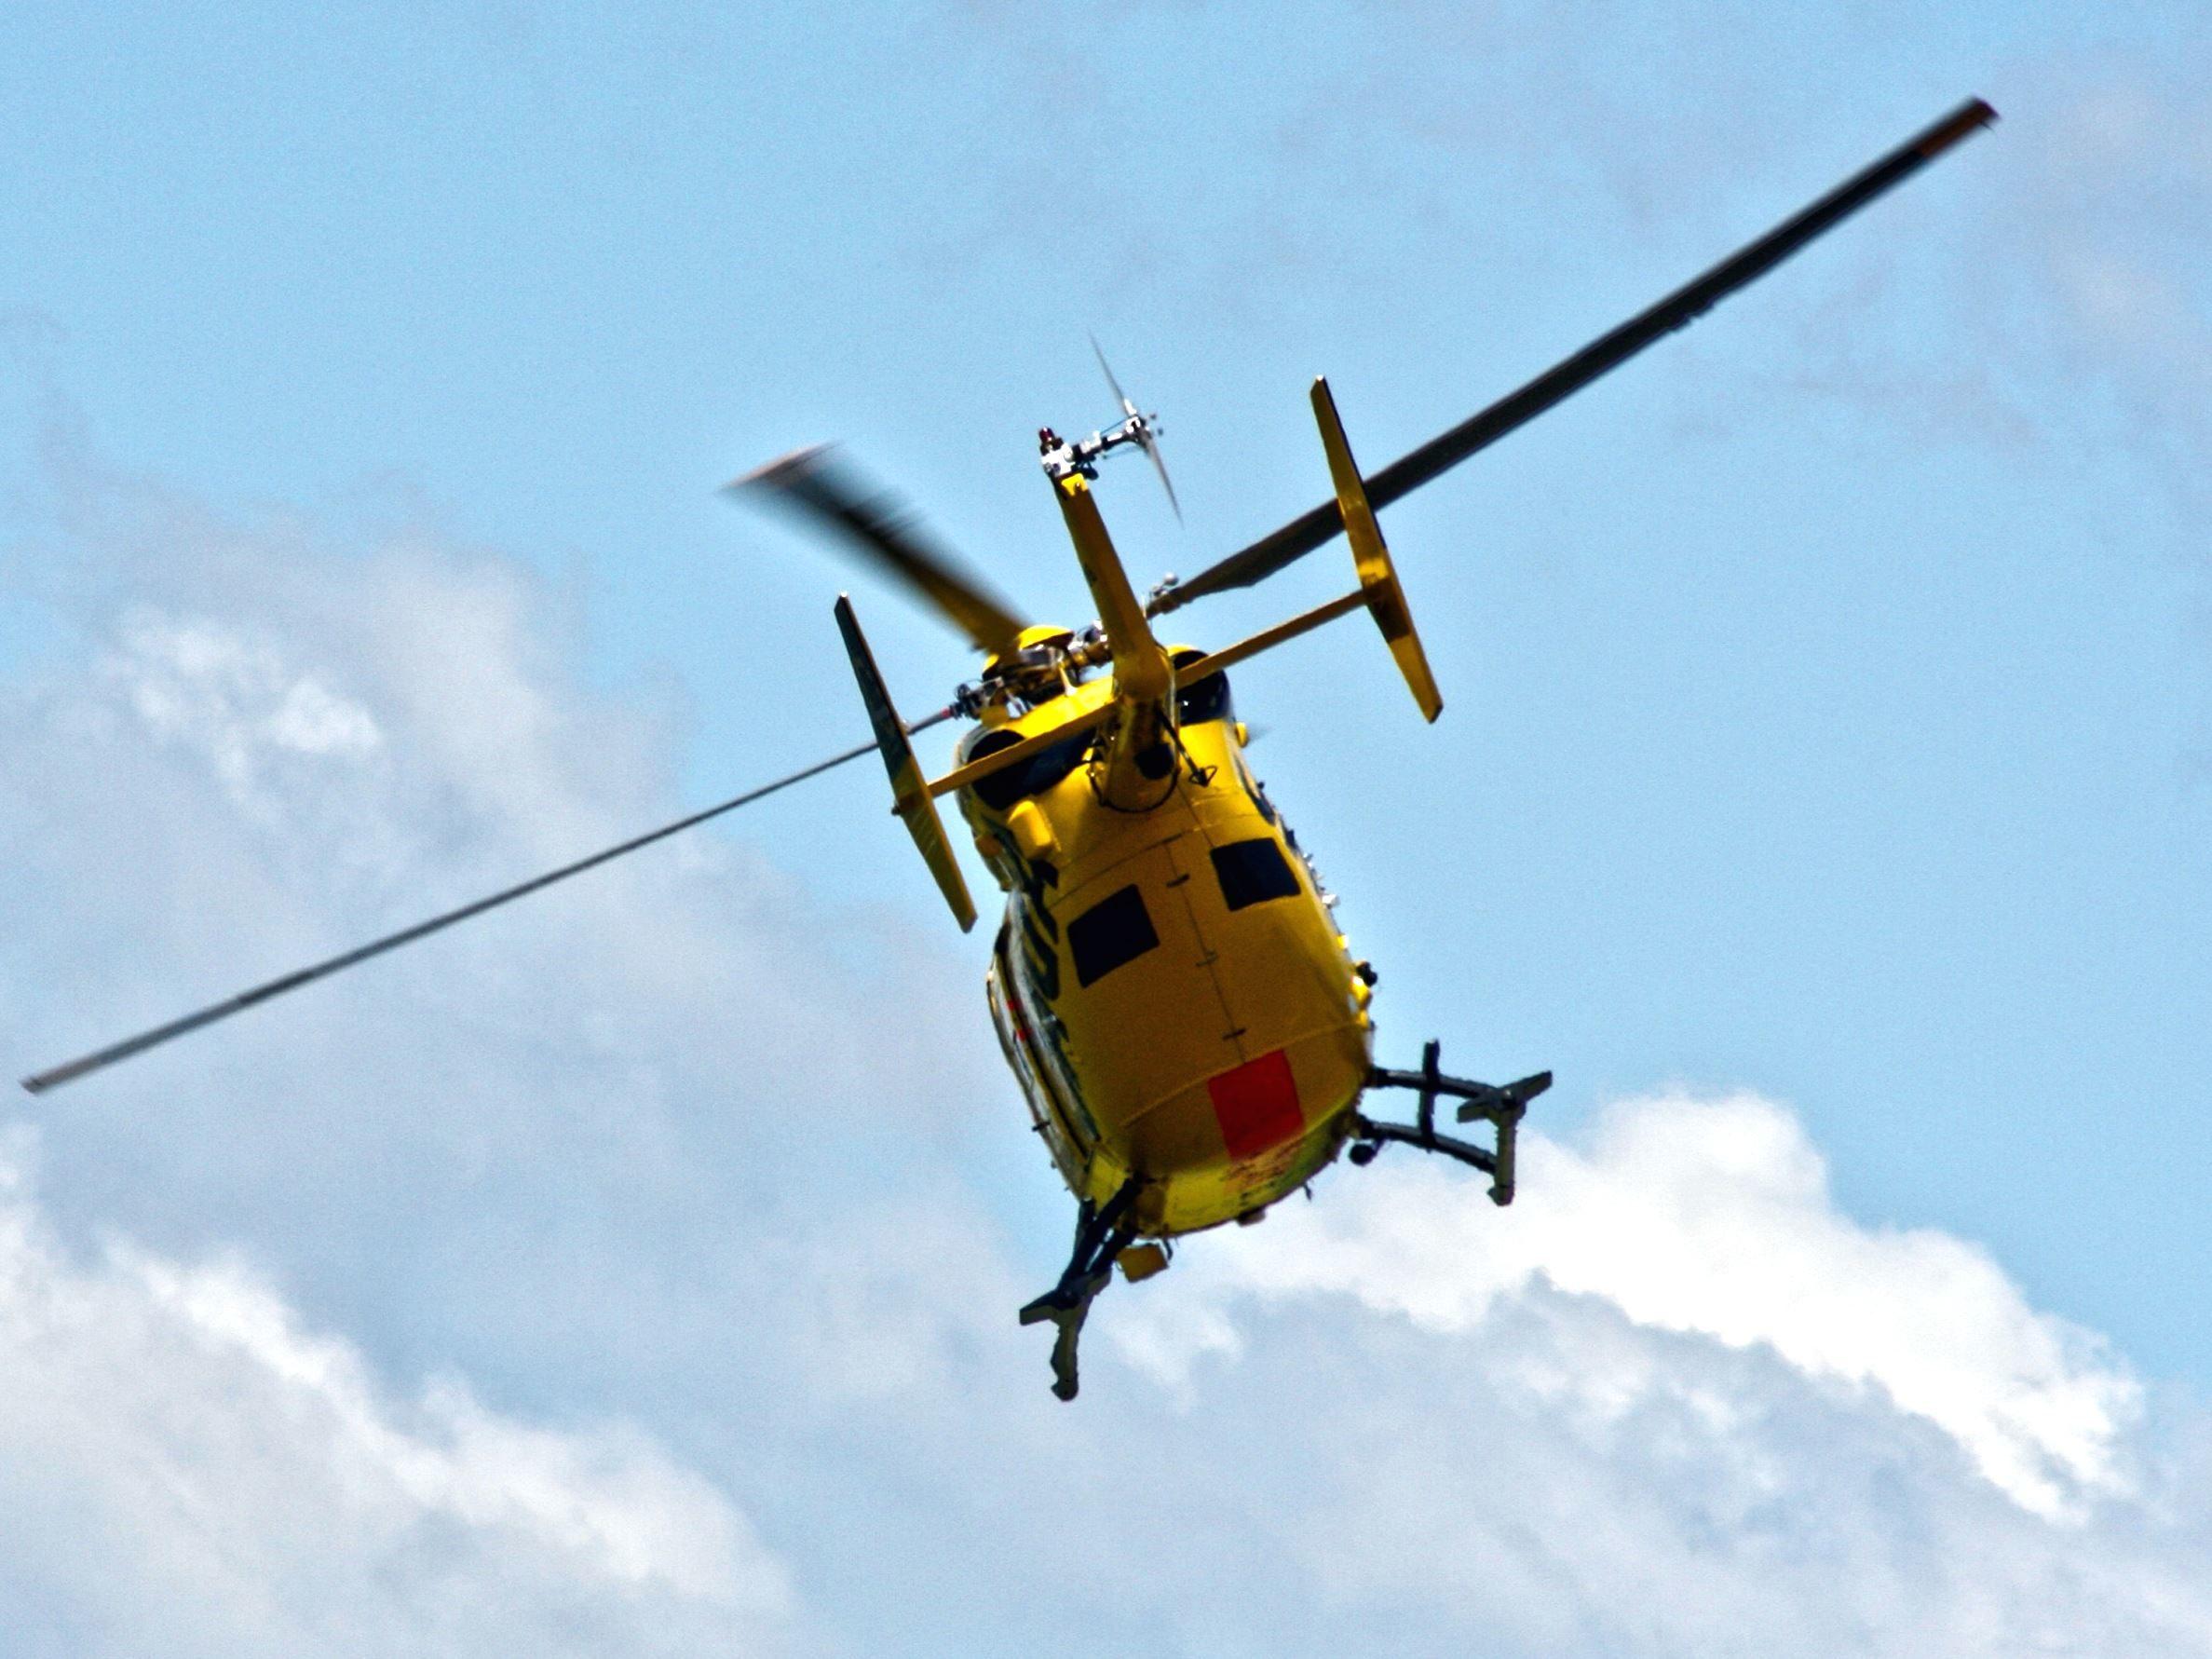 Elicottero 450 : Foto gratis: elicottero elica rotore giallo